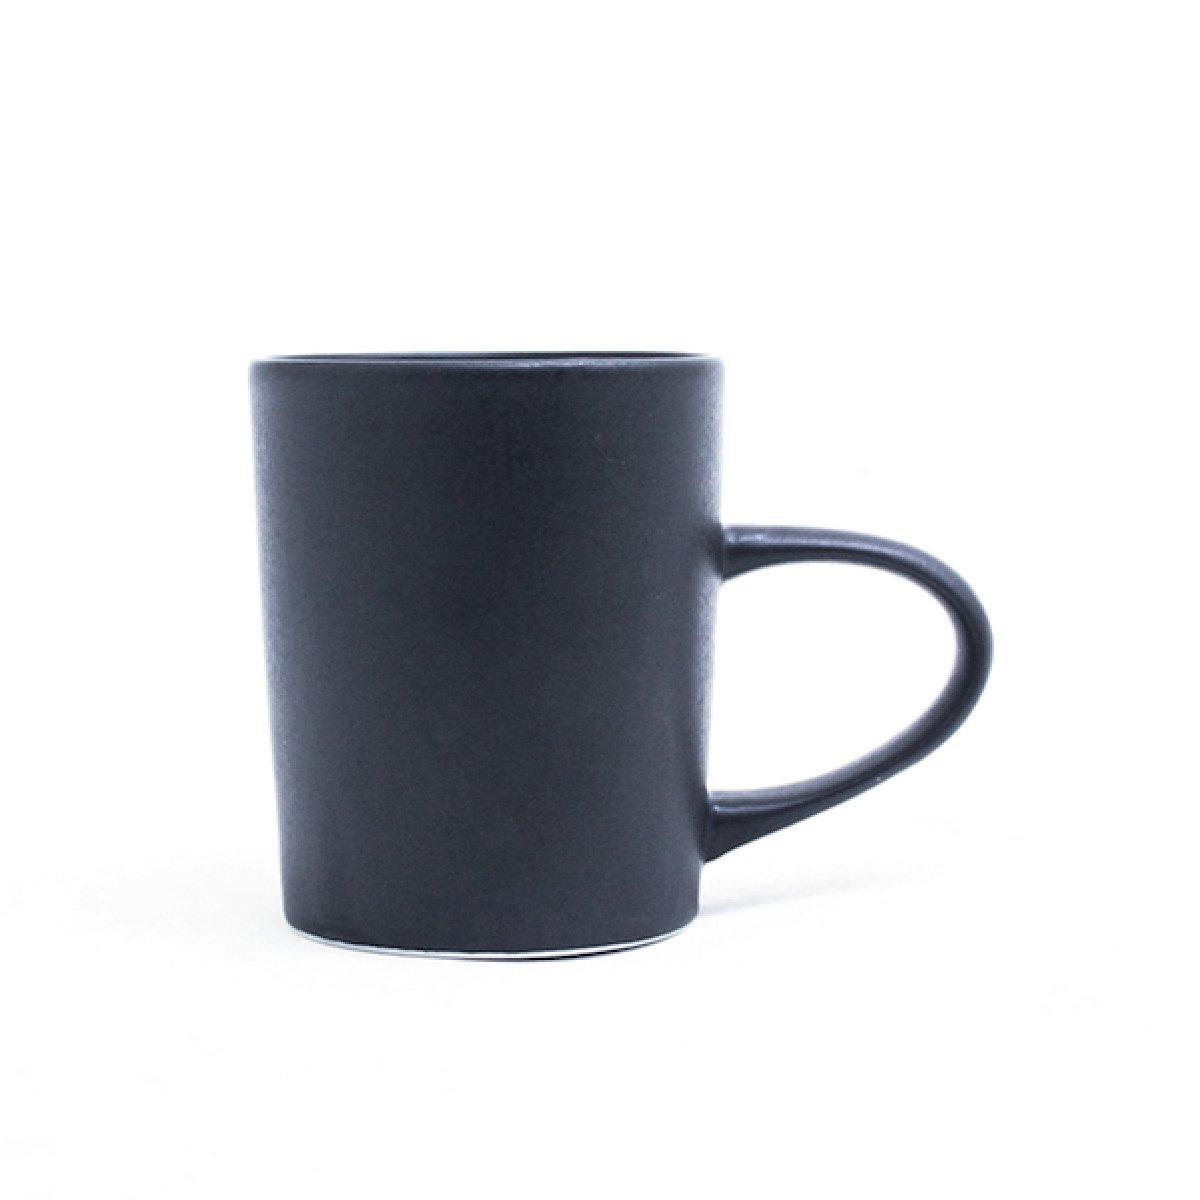 マグカップ SS のっぽ ブラックスター 詳細画像1